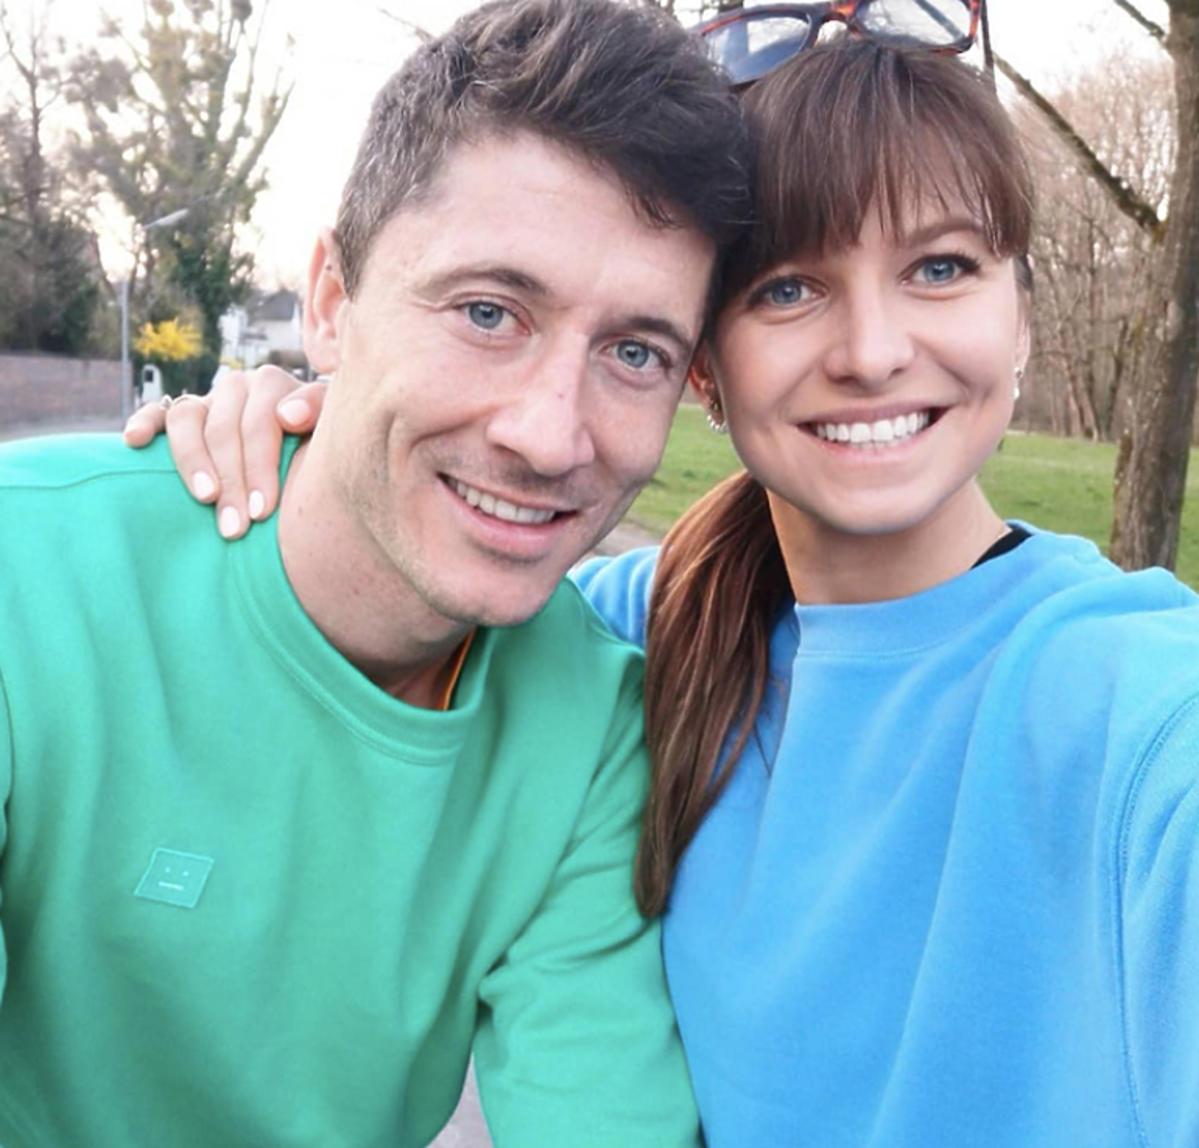 Anna Lewandowska i Robert Lewandowski w kolorowych podobnych bluzach